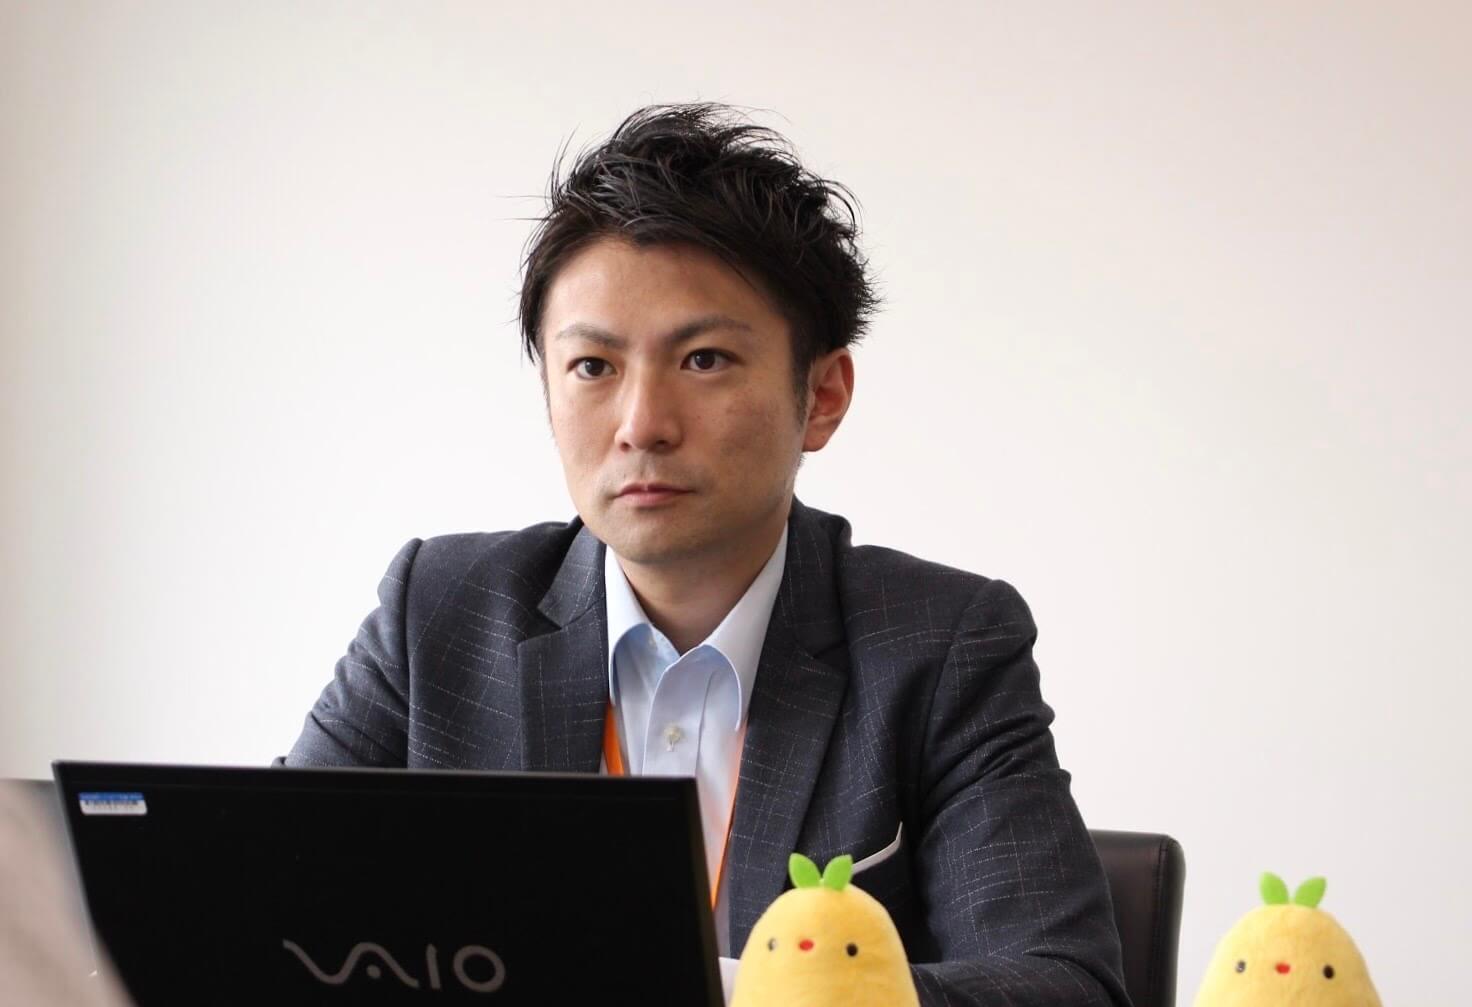 取材に回答する株式会社メディカルシステムネットワークの鈴木達彦さん